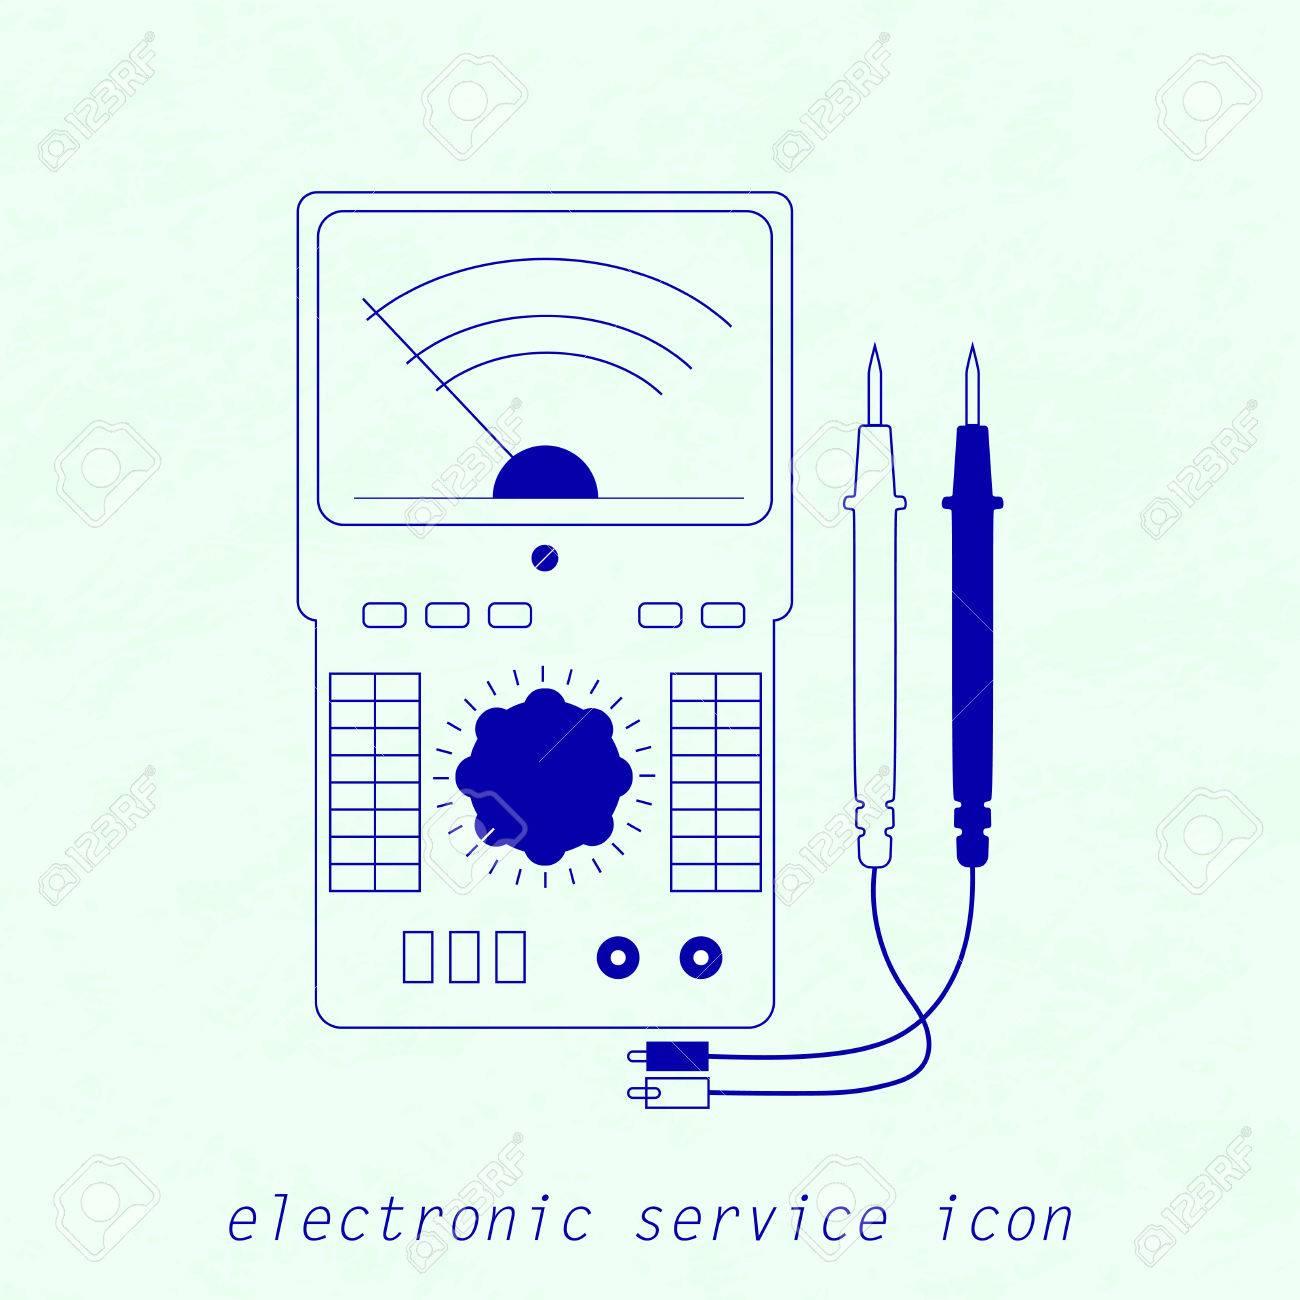 Nett Schematisches Symbol Zeitgenössisch - Die Besten Elektrischen ...